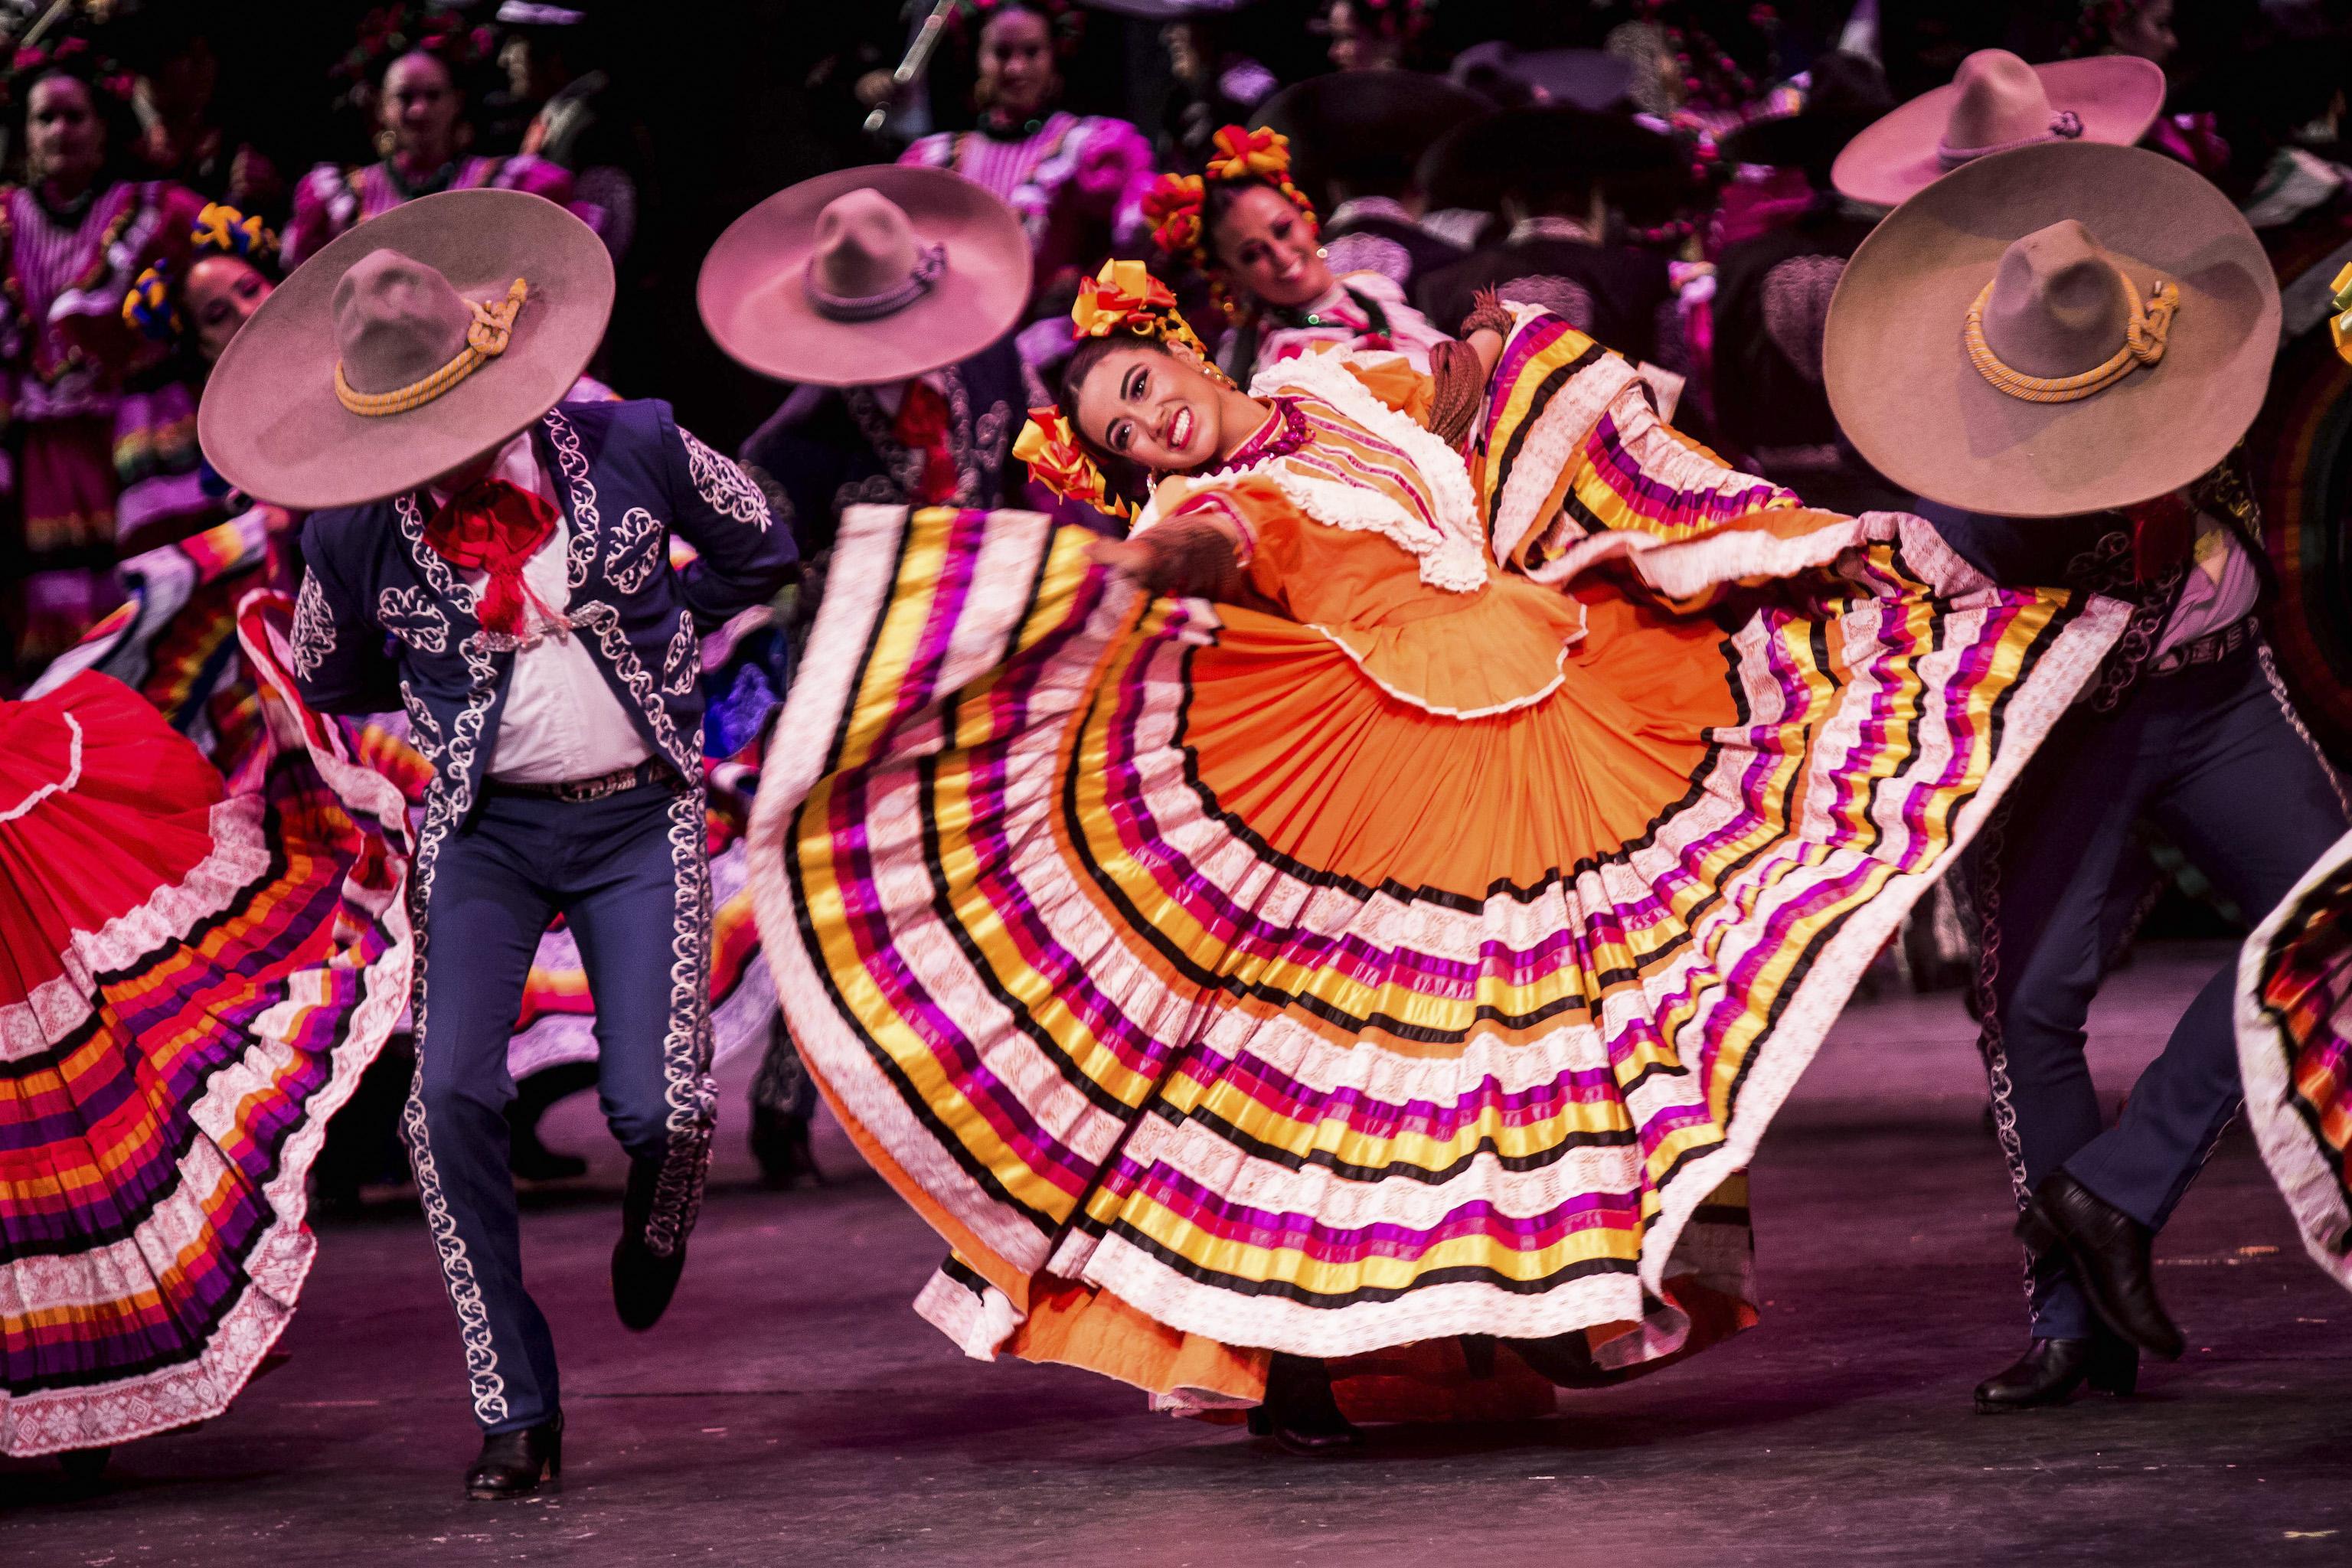 Pareja de el Ballet Folclórico con vestimenta tradicional mexicana